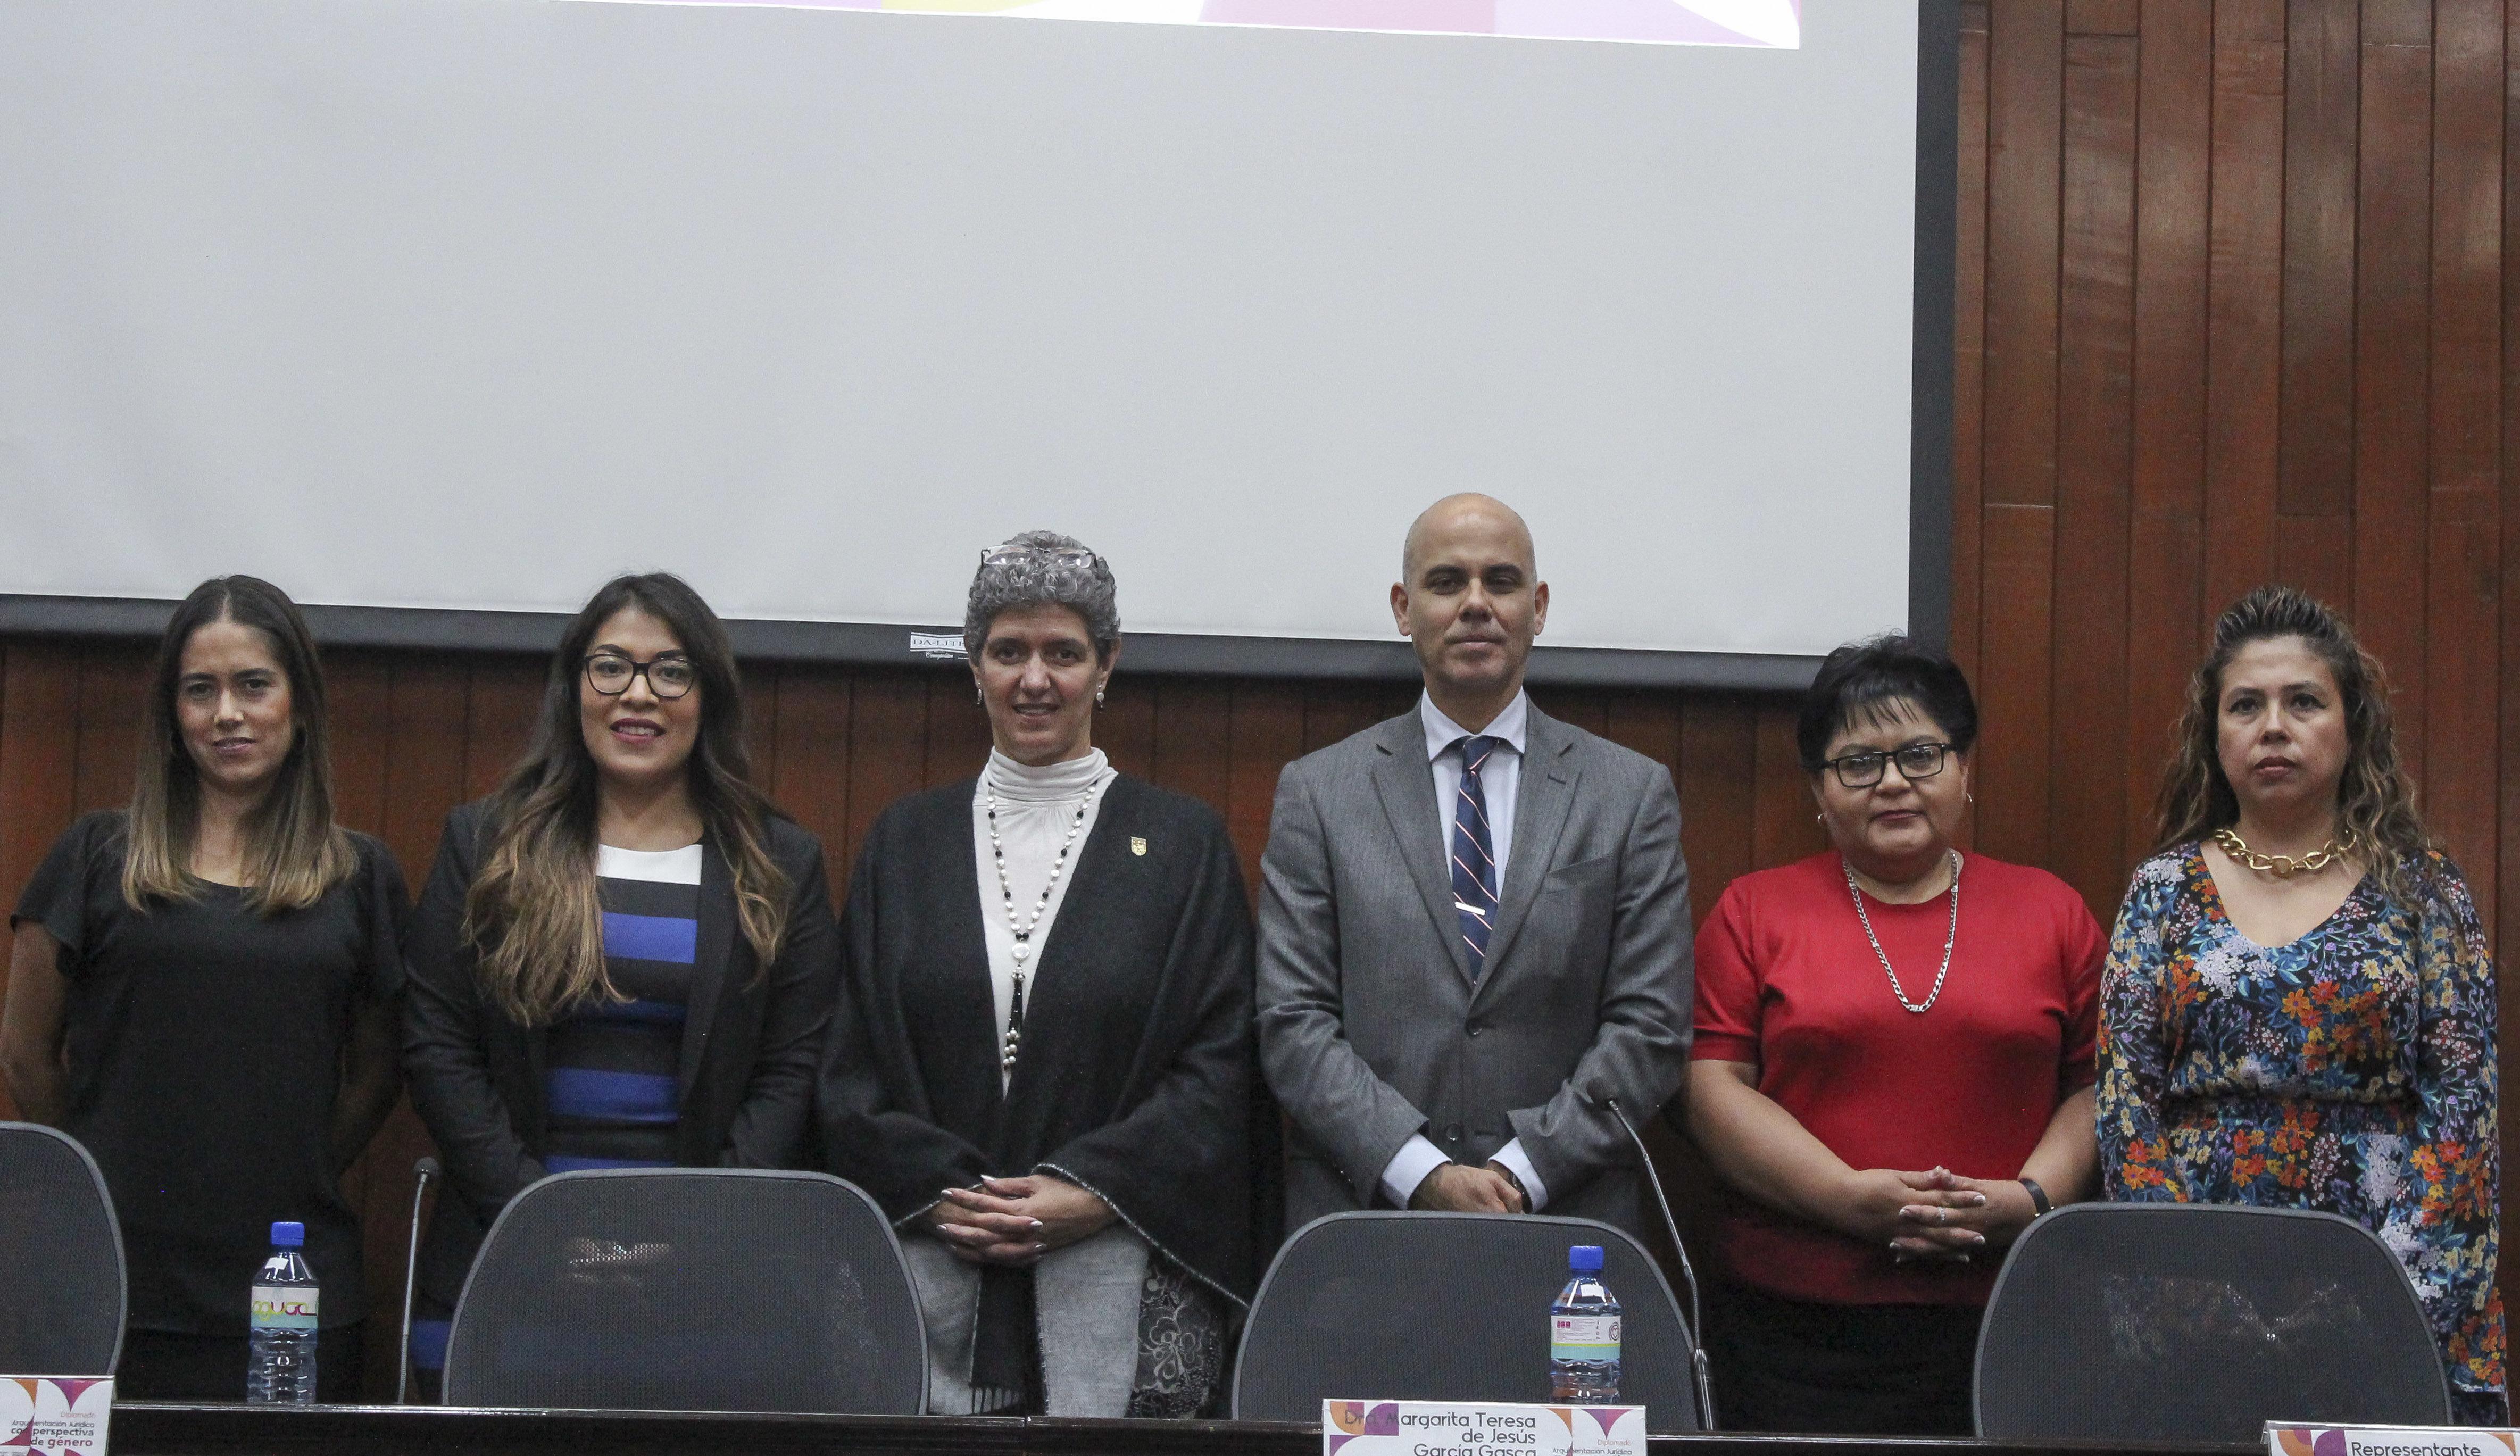 Se inaugura el Diplomado en Argumentación Jurídica con Perspectiva de Género